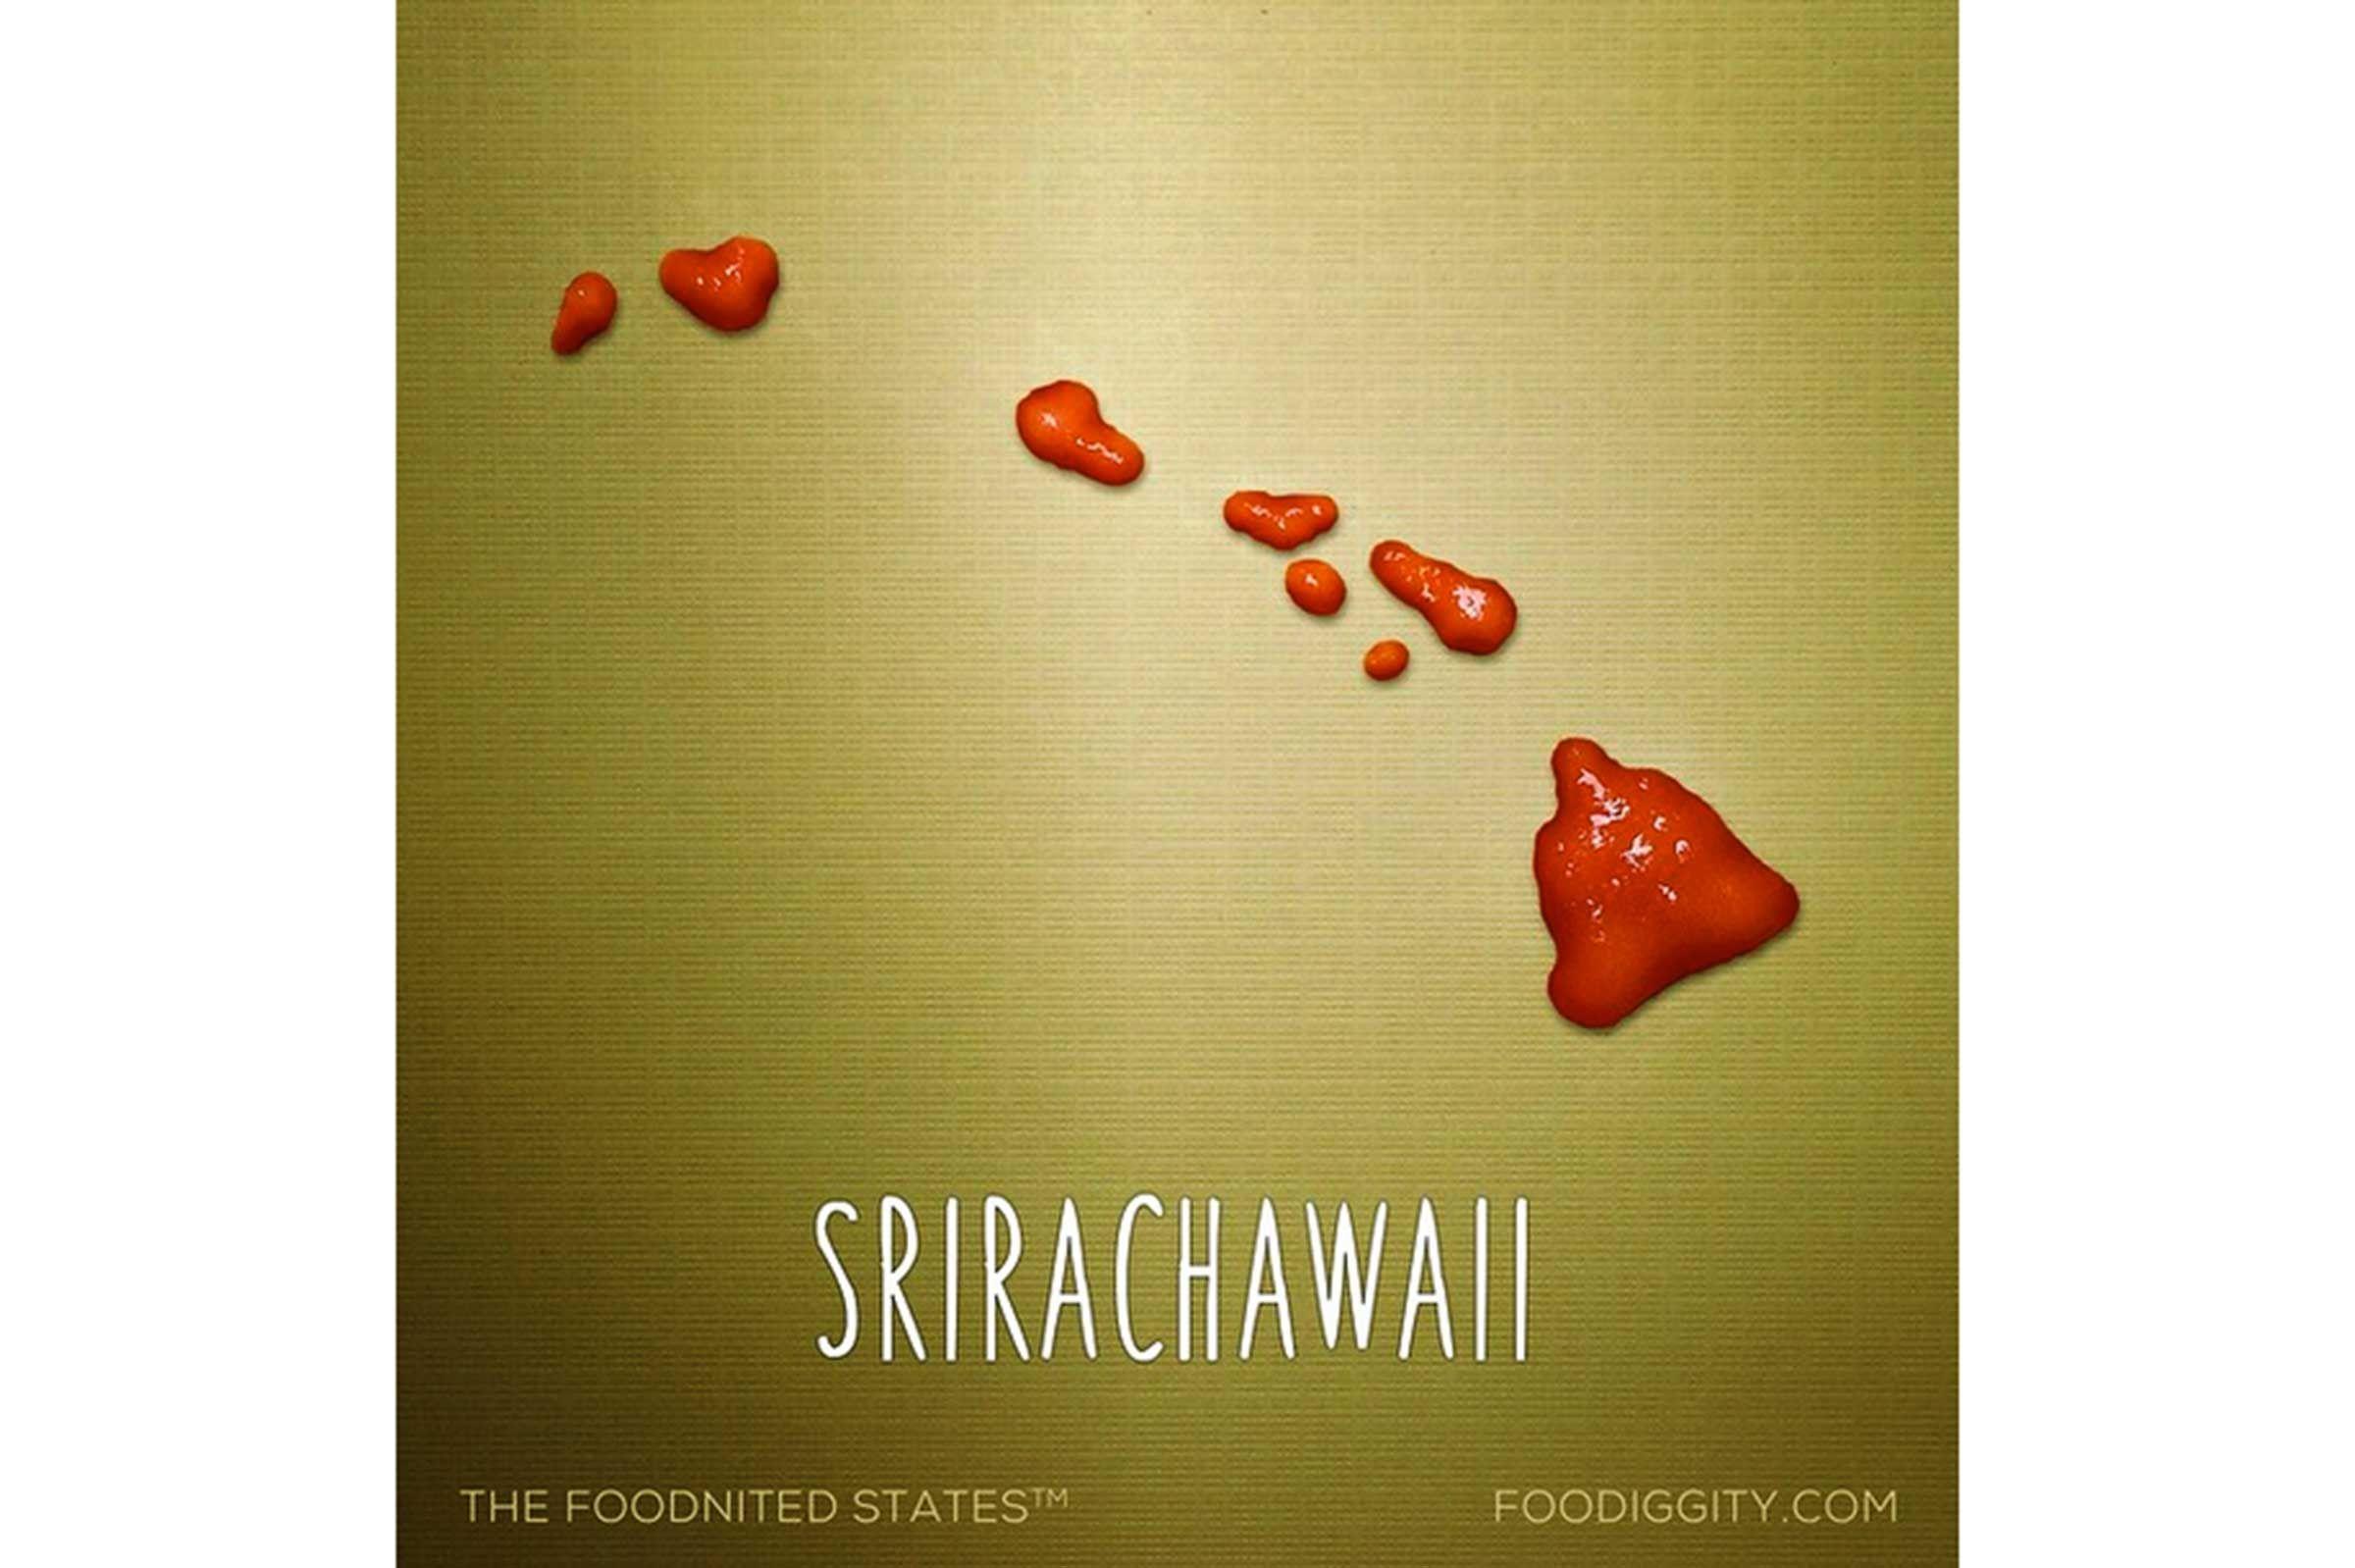 Srirachawaii